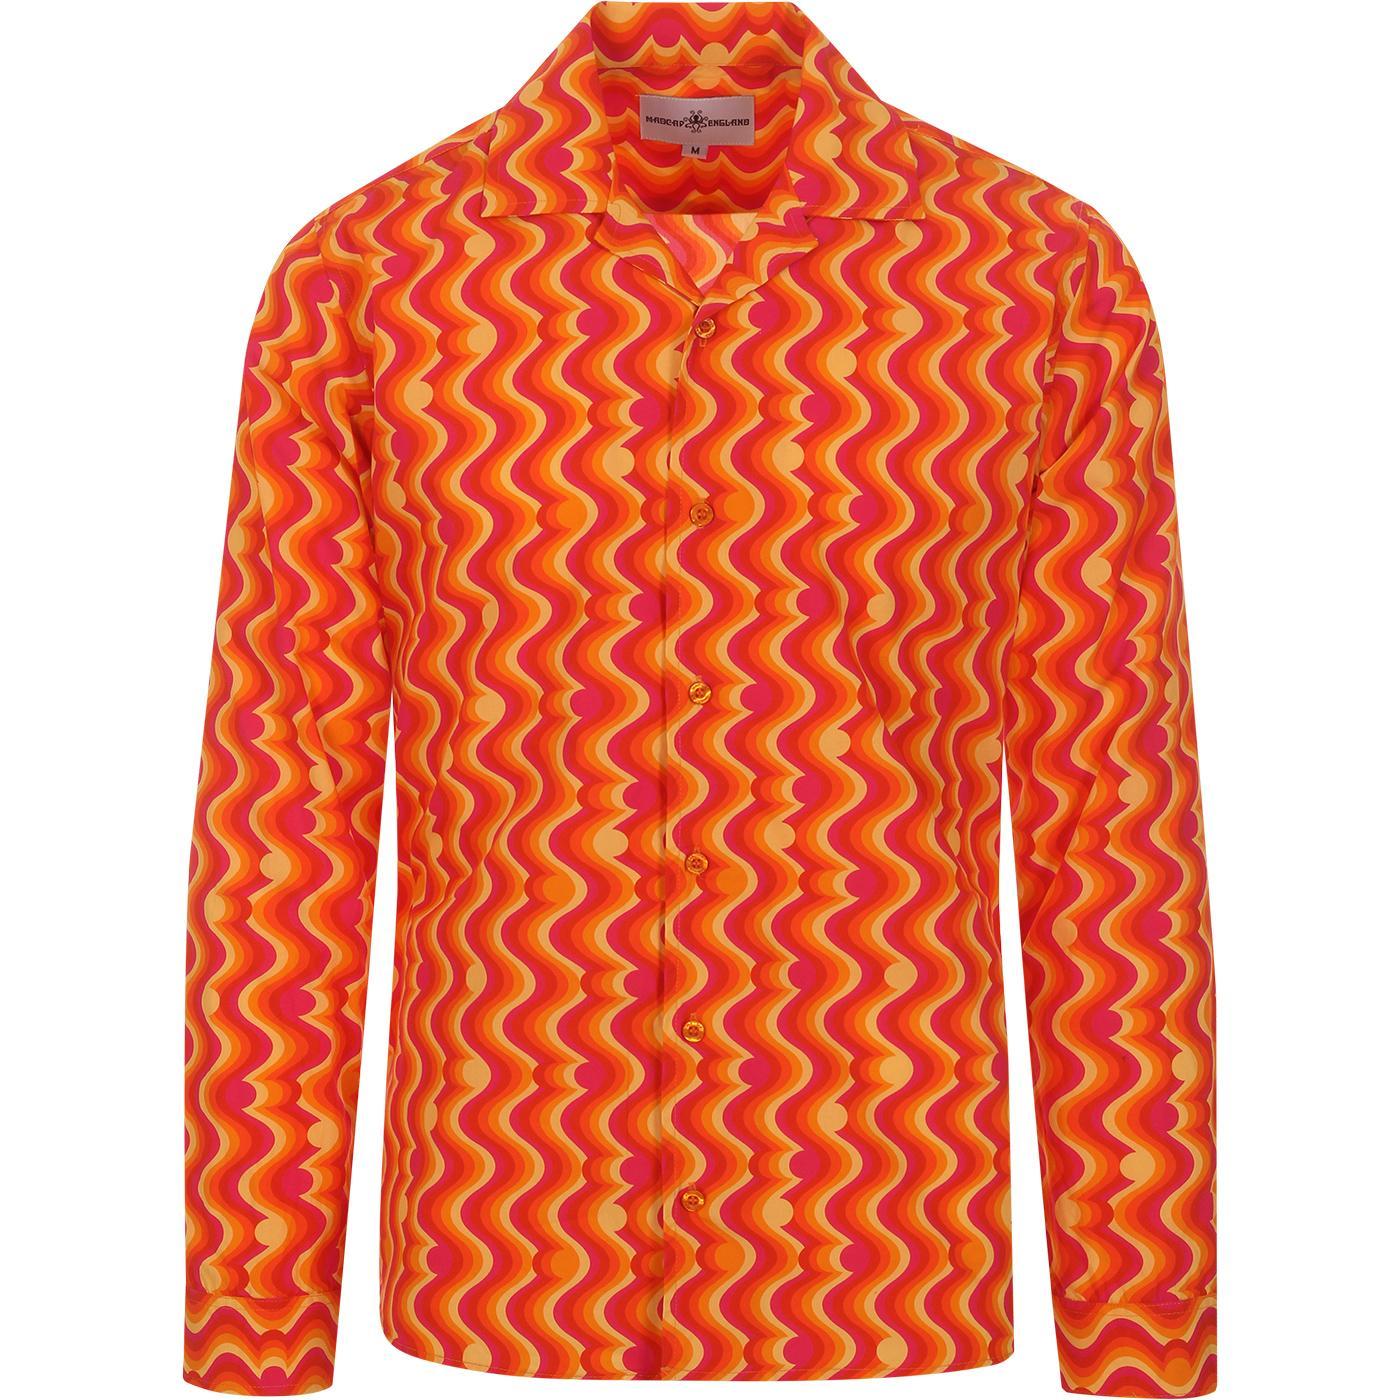 Surfari MADCAP ENGLAND Retro Resort Collar Shirt